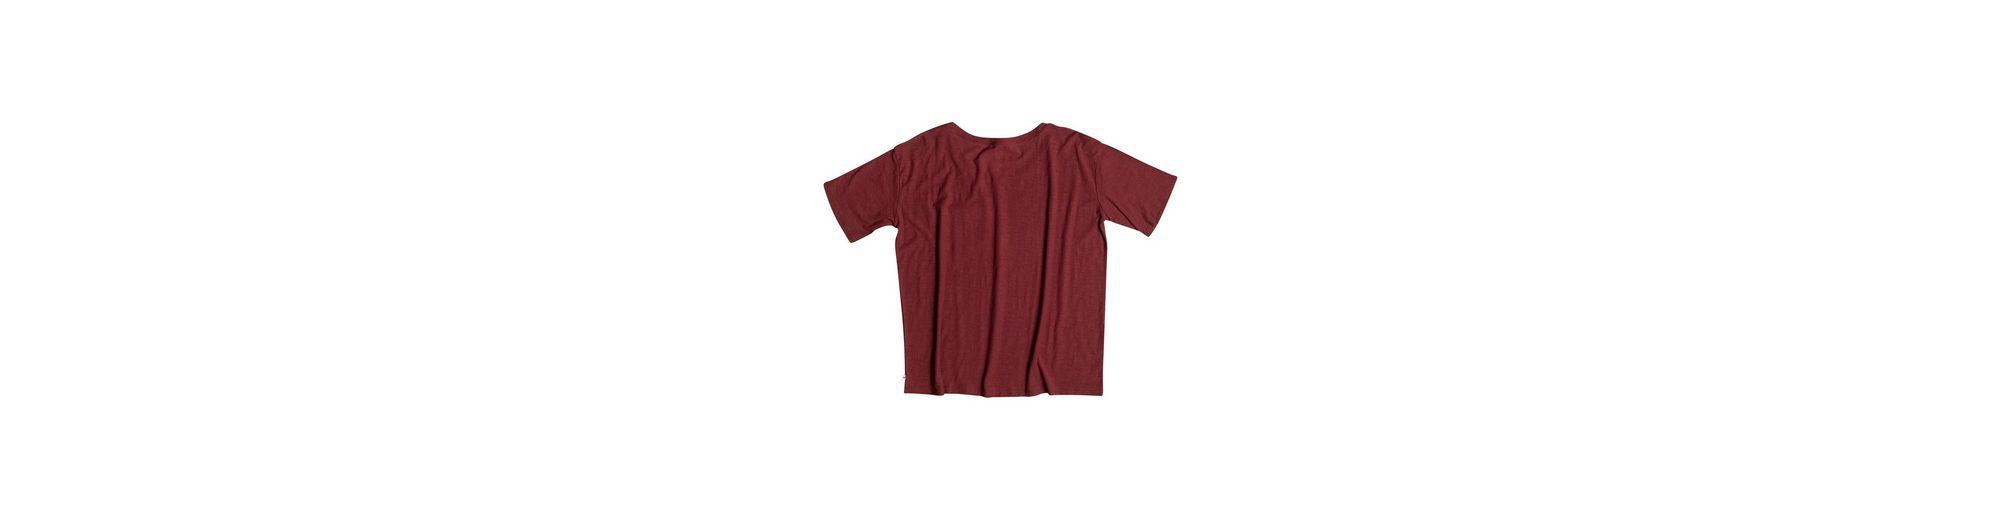 Online Blättern Roxy T-Shirt Wild Chaman  Um Online Kaufen Billig Besuch Billige Usa Händler Ganz Welt Versand H8imU